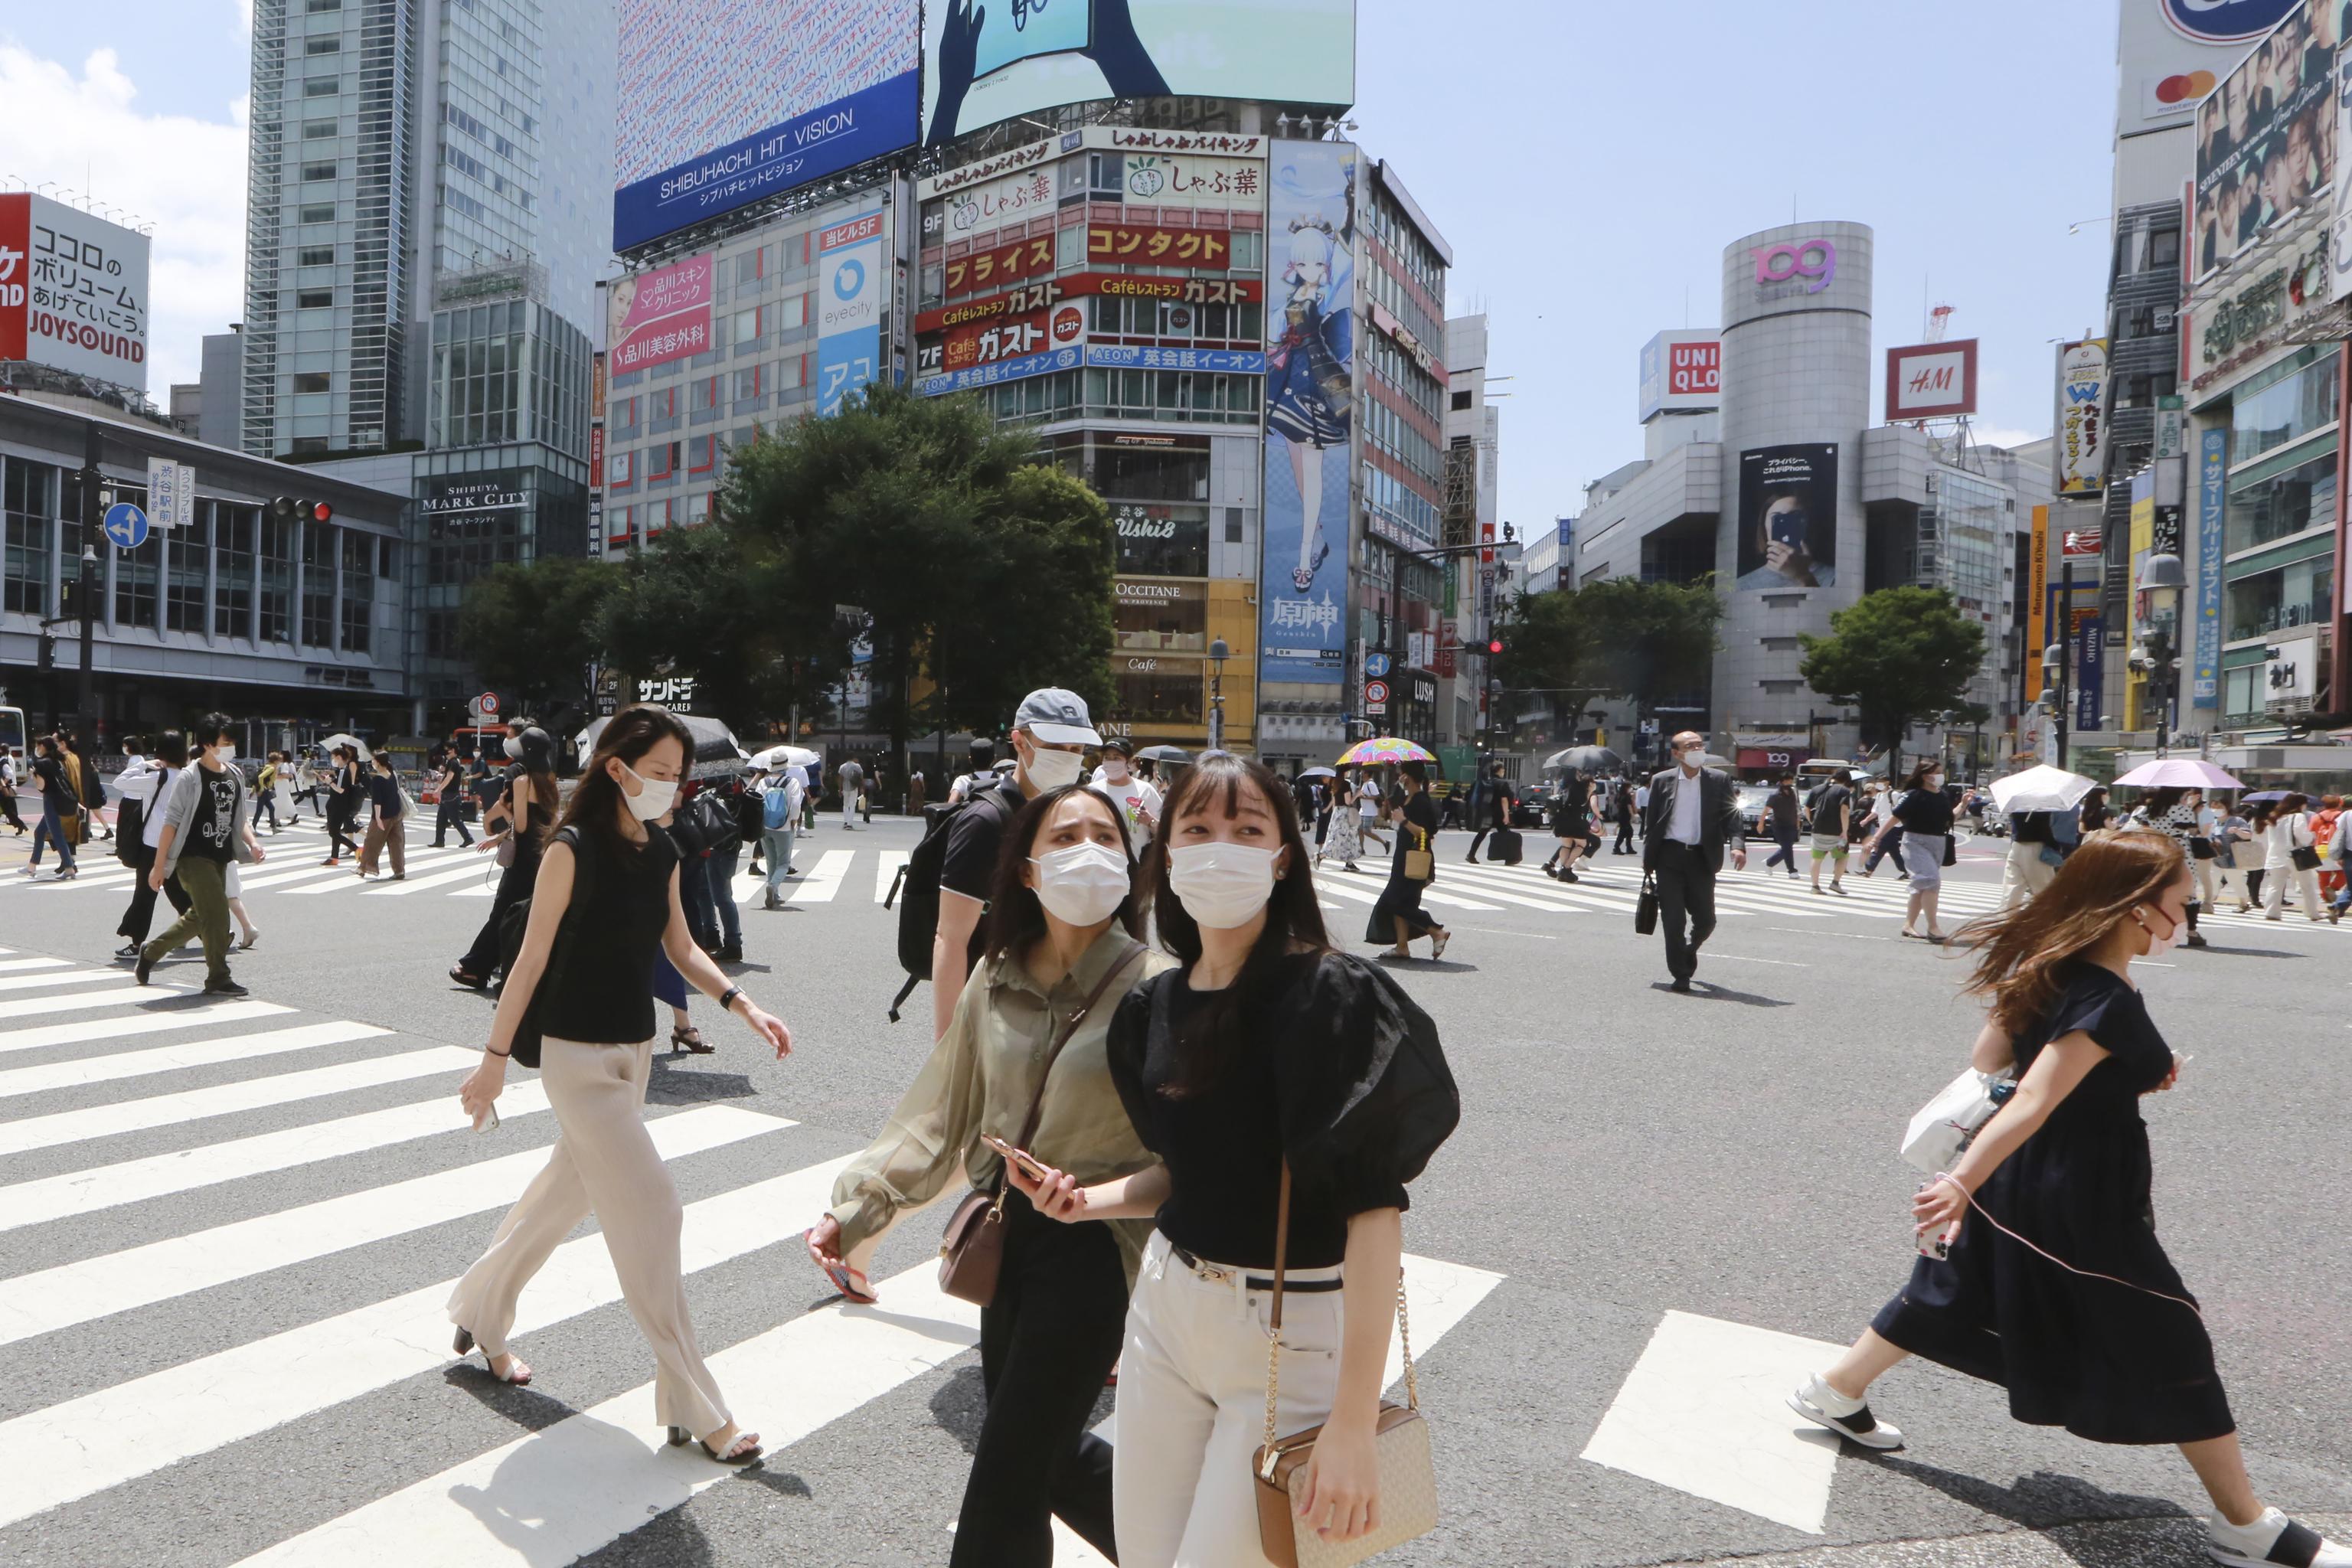 Un día normal en el barrio de Shibuya, Tokio.